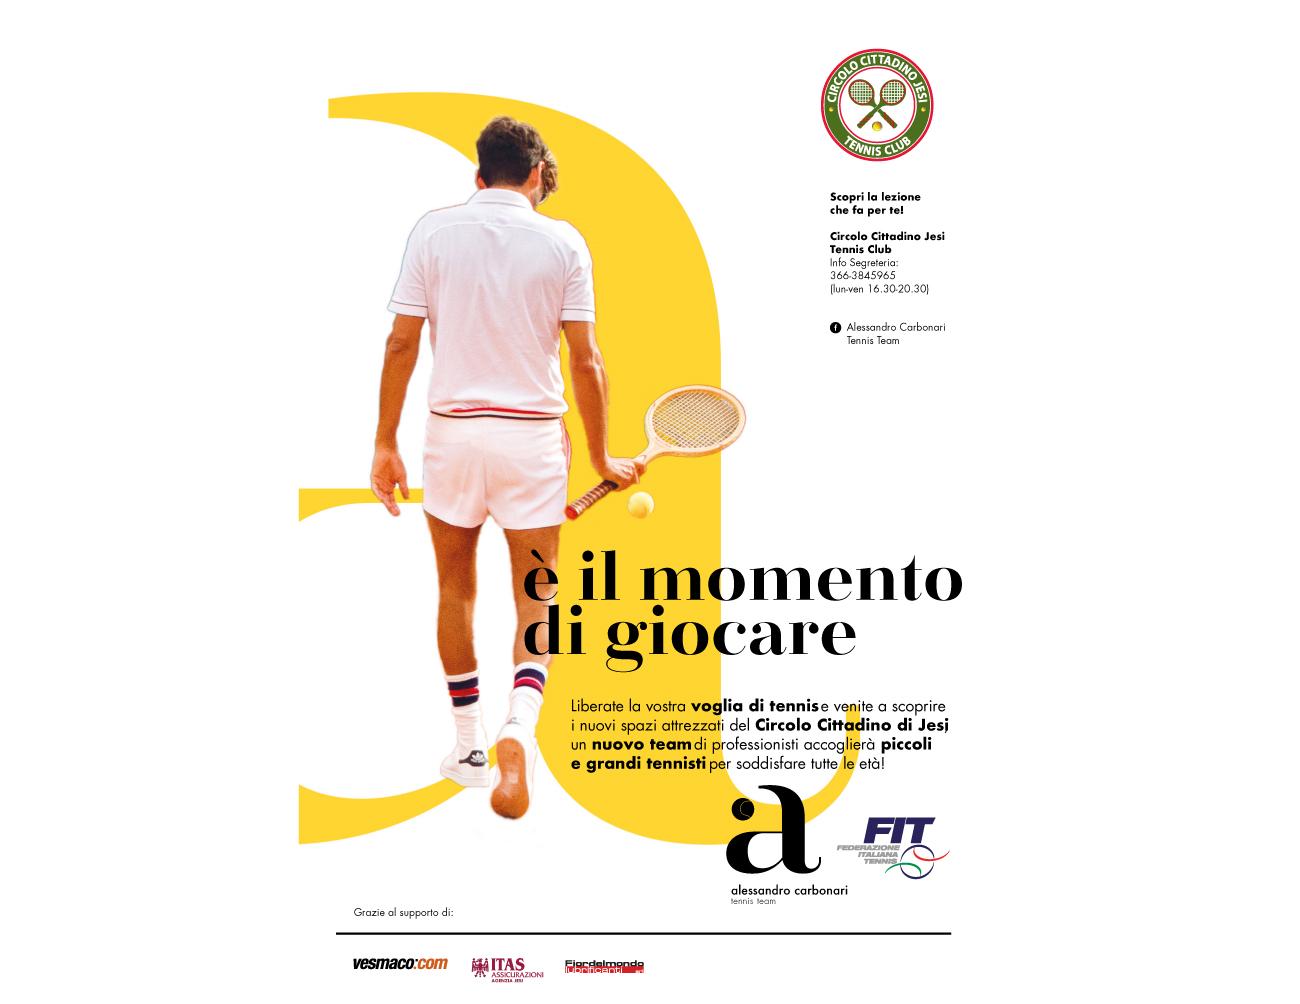 Carbonari-Mosto-Tennis